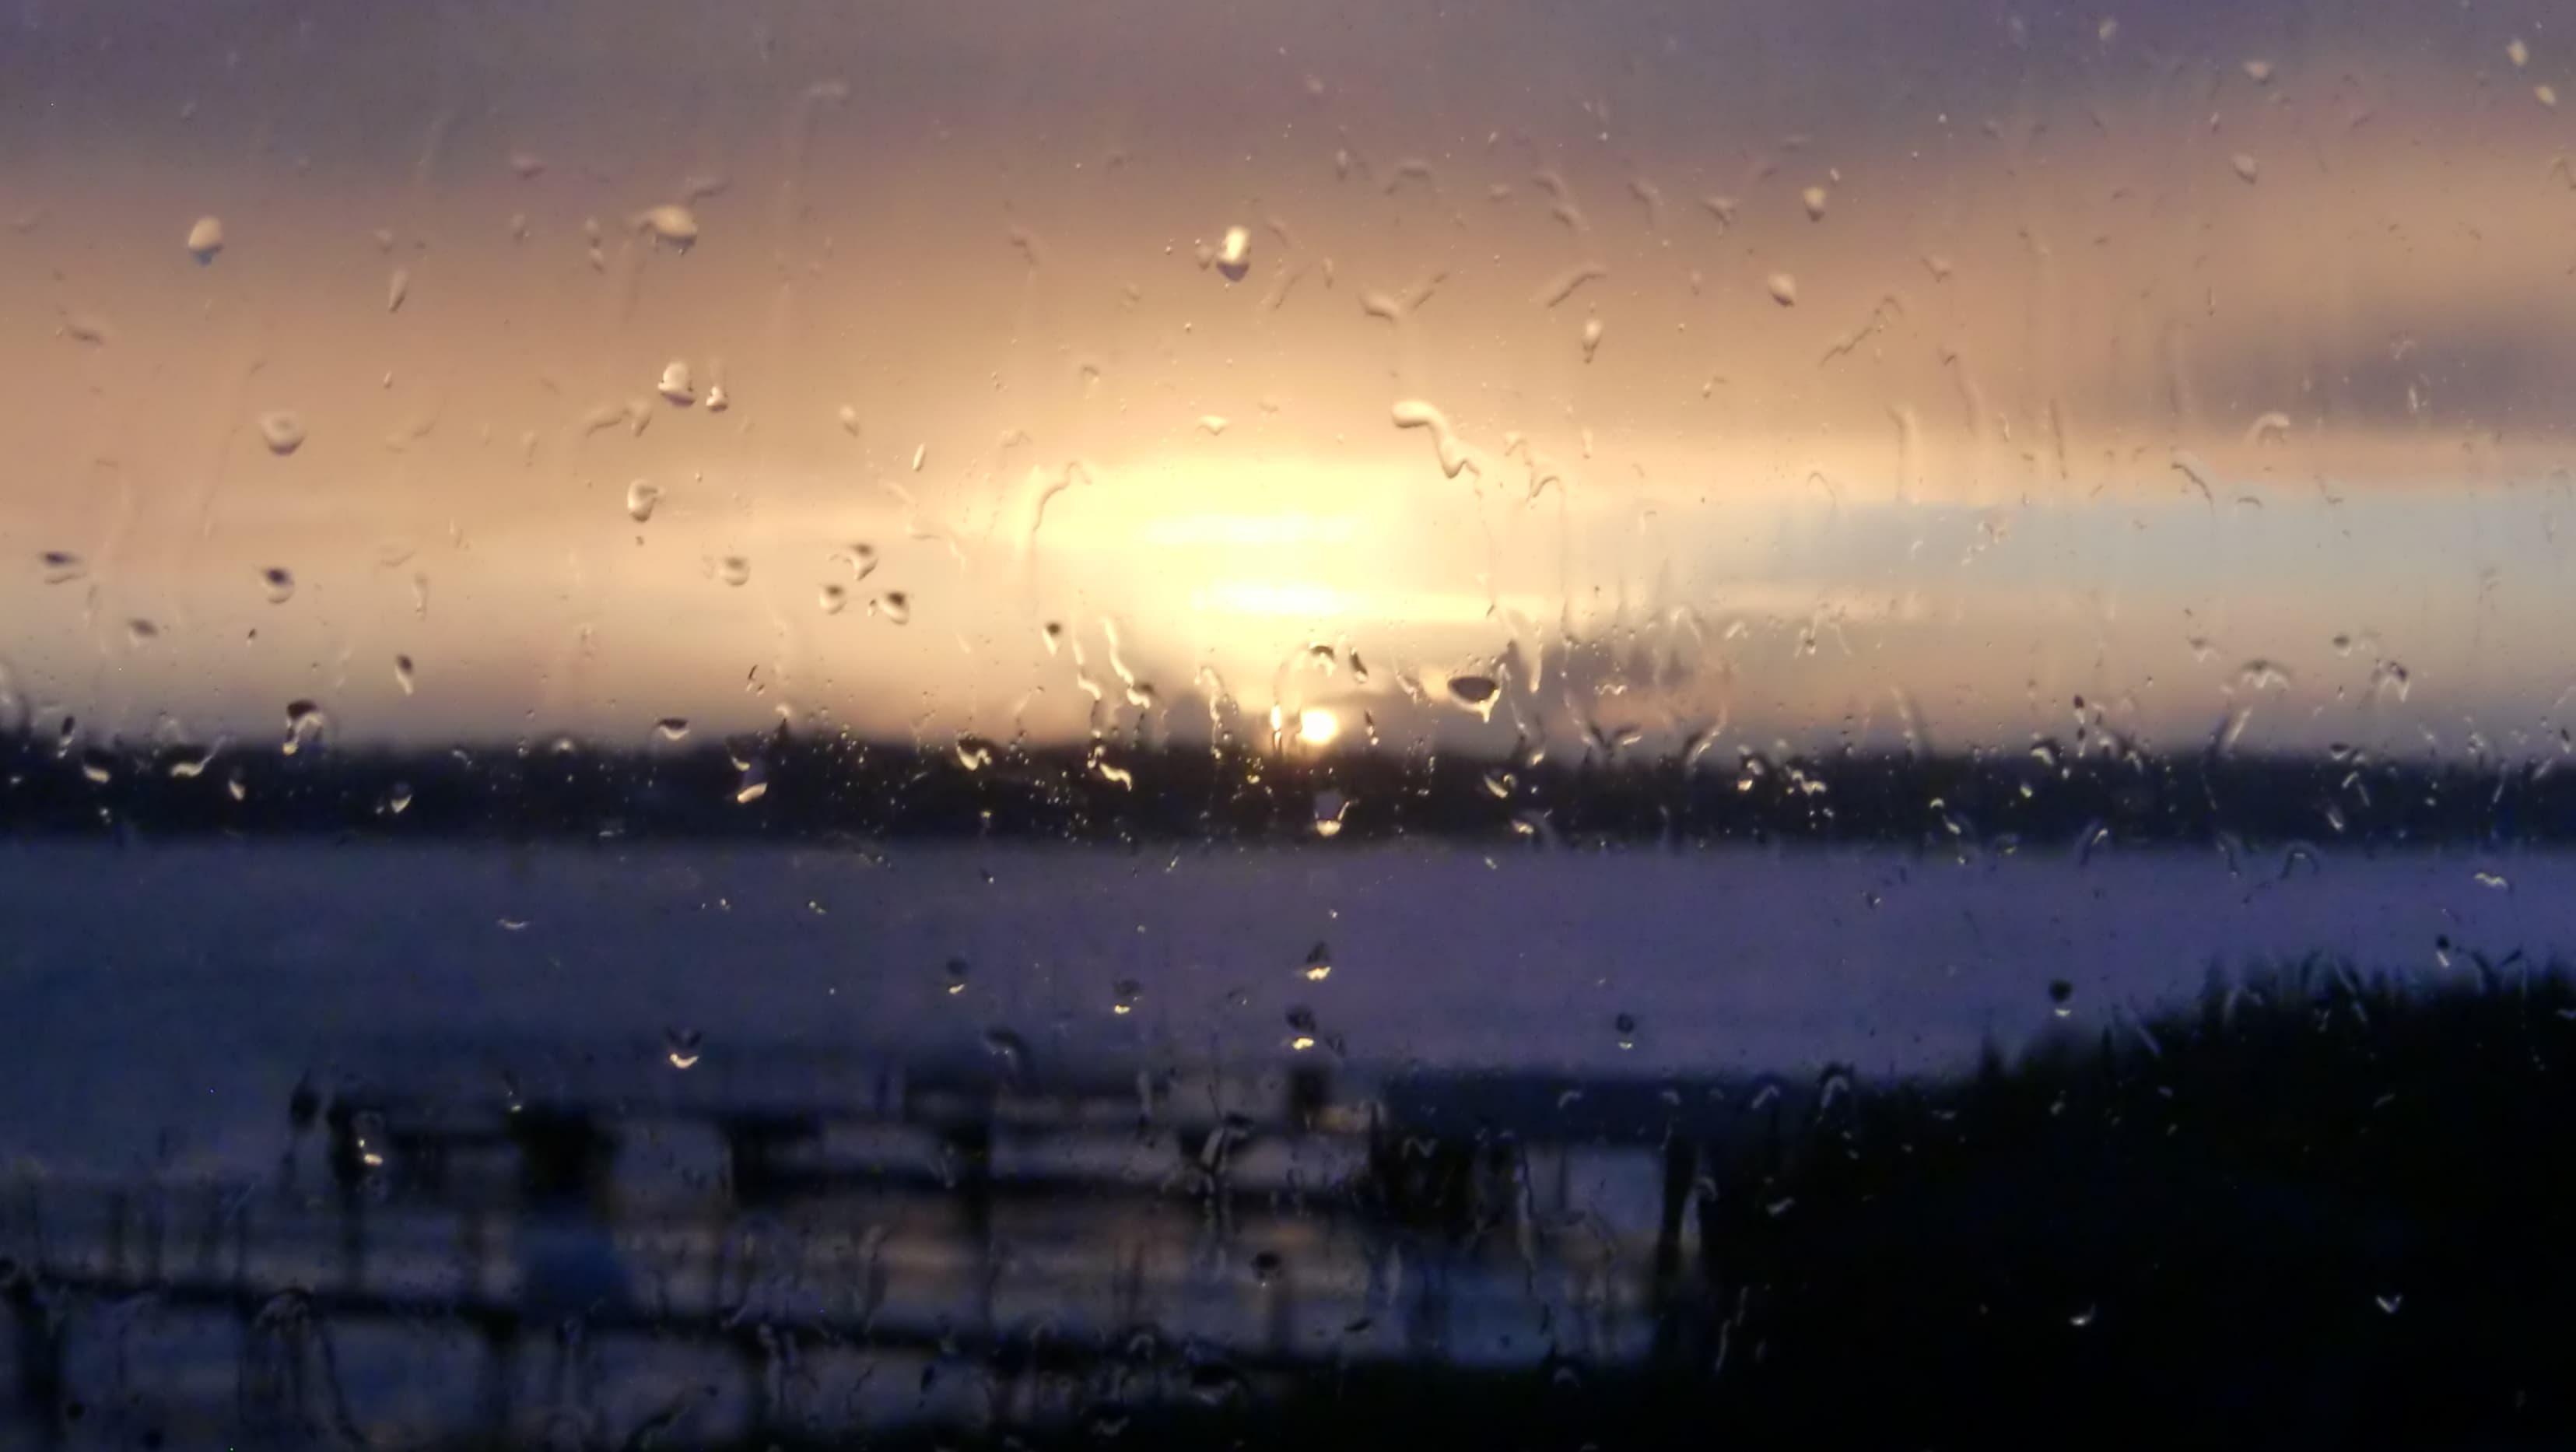 Wenn die Isländer es sich bei Schmuddelwetter drinnen gemütlich machen, dann nennen sie das Fensterwetter, Gluggavedur bzw. Gluggave∂ur eben. Auf dem Bild siehst du die Regentropfen auf unserer Fensterscheibe vor dem Sonnenuntergang auf Island.